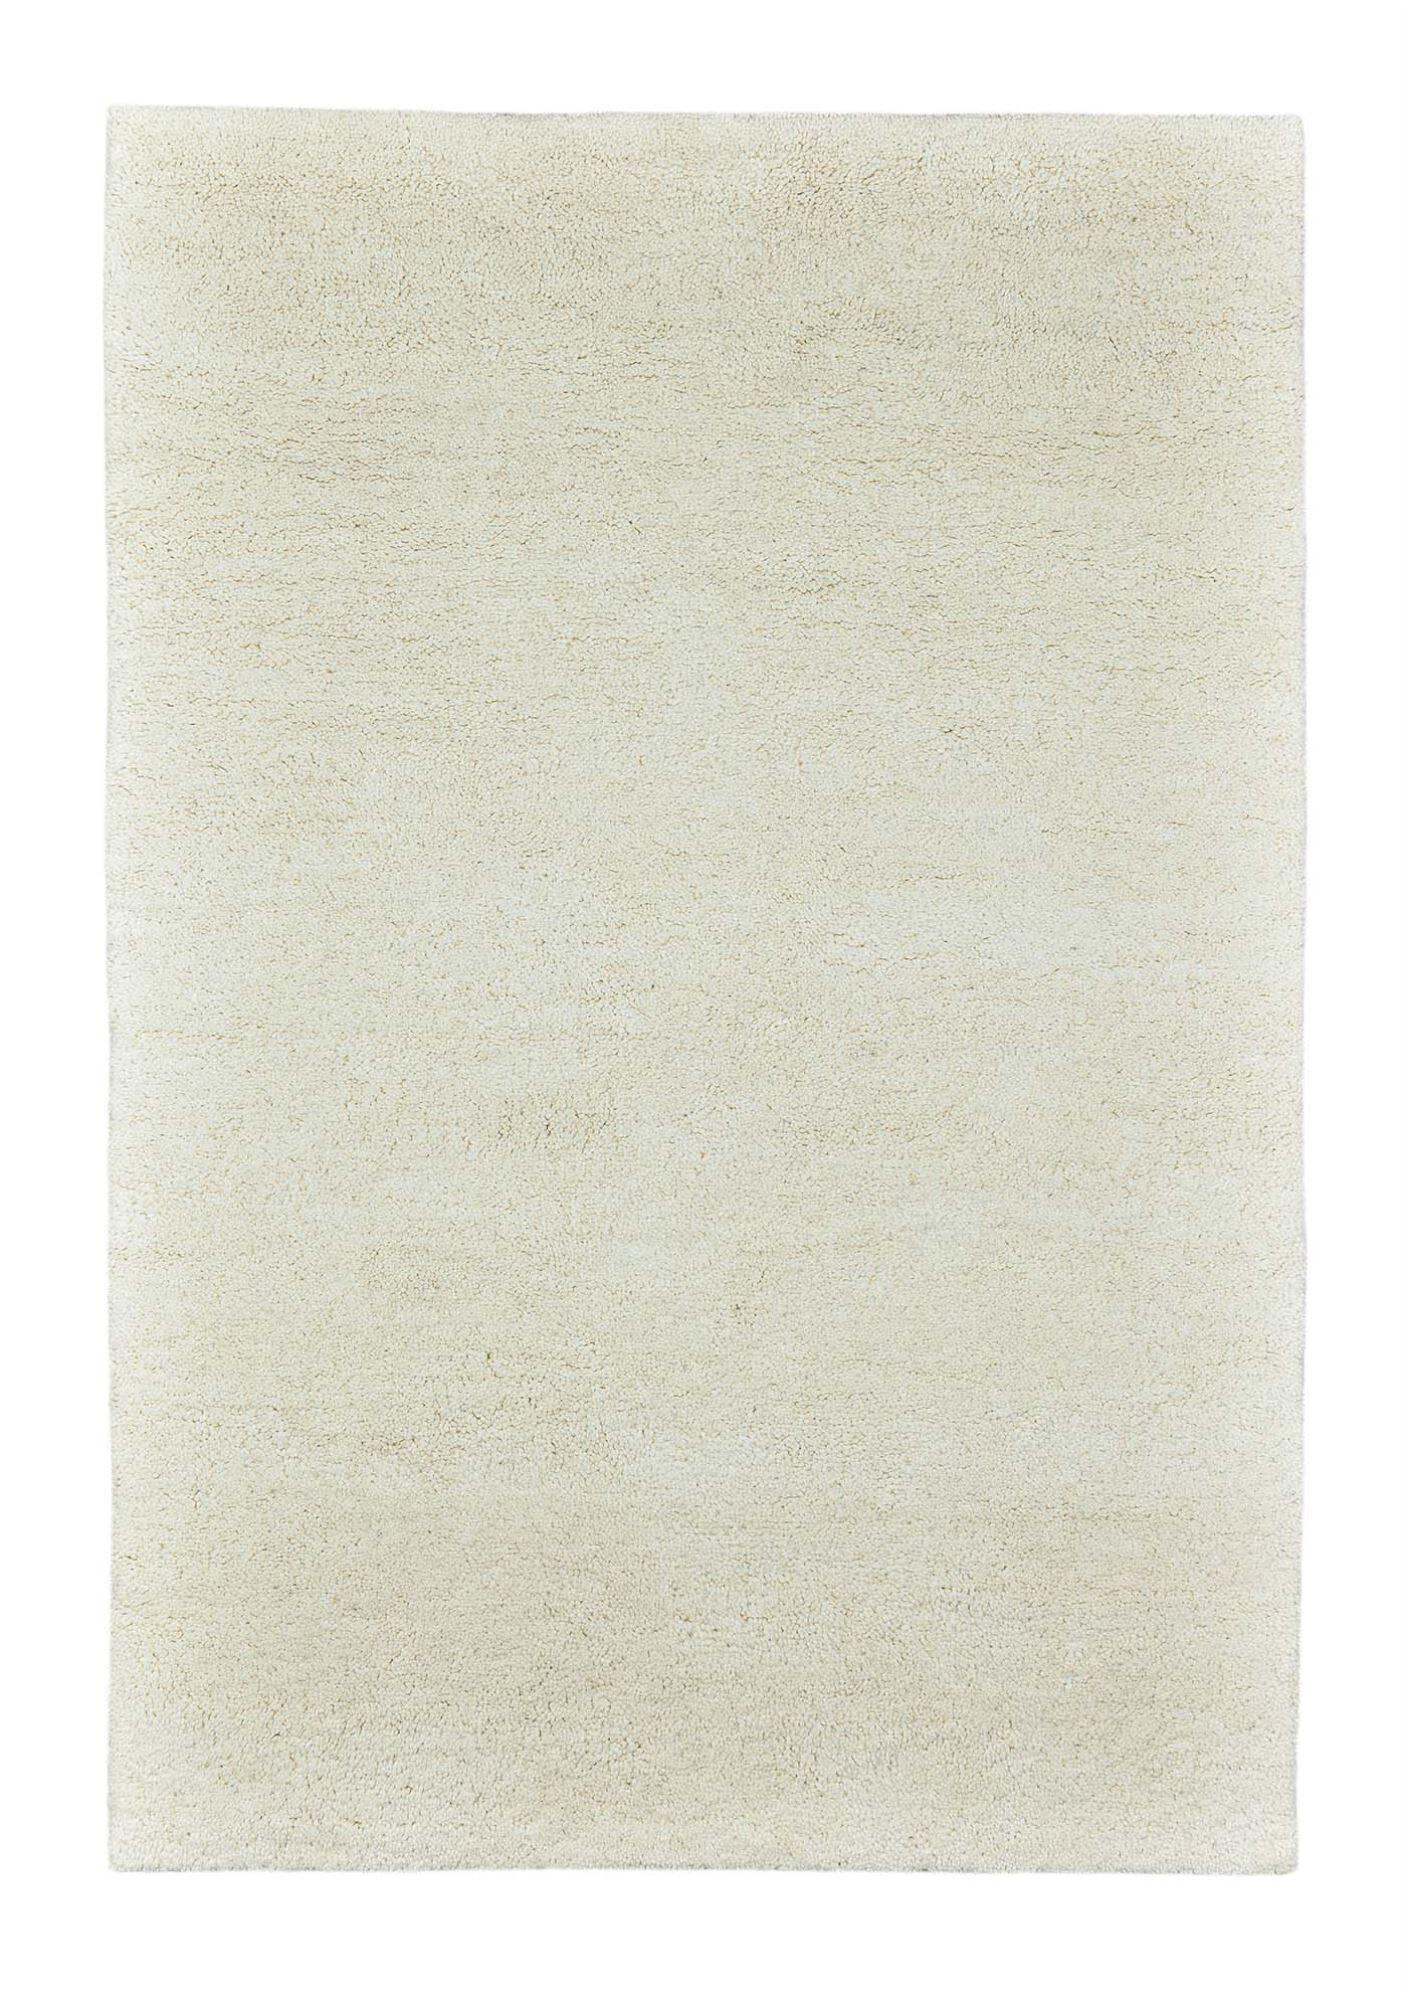 THEKO Tapis Berbre du maroc en laine naturelle Blanc 140x200